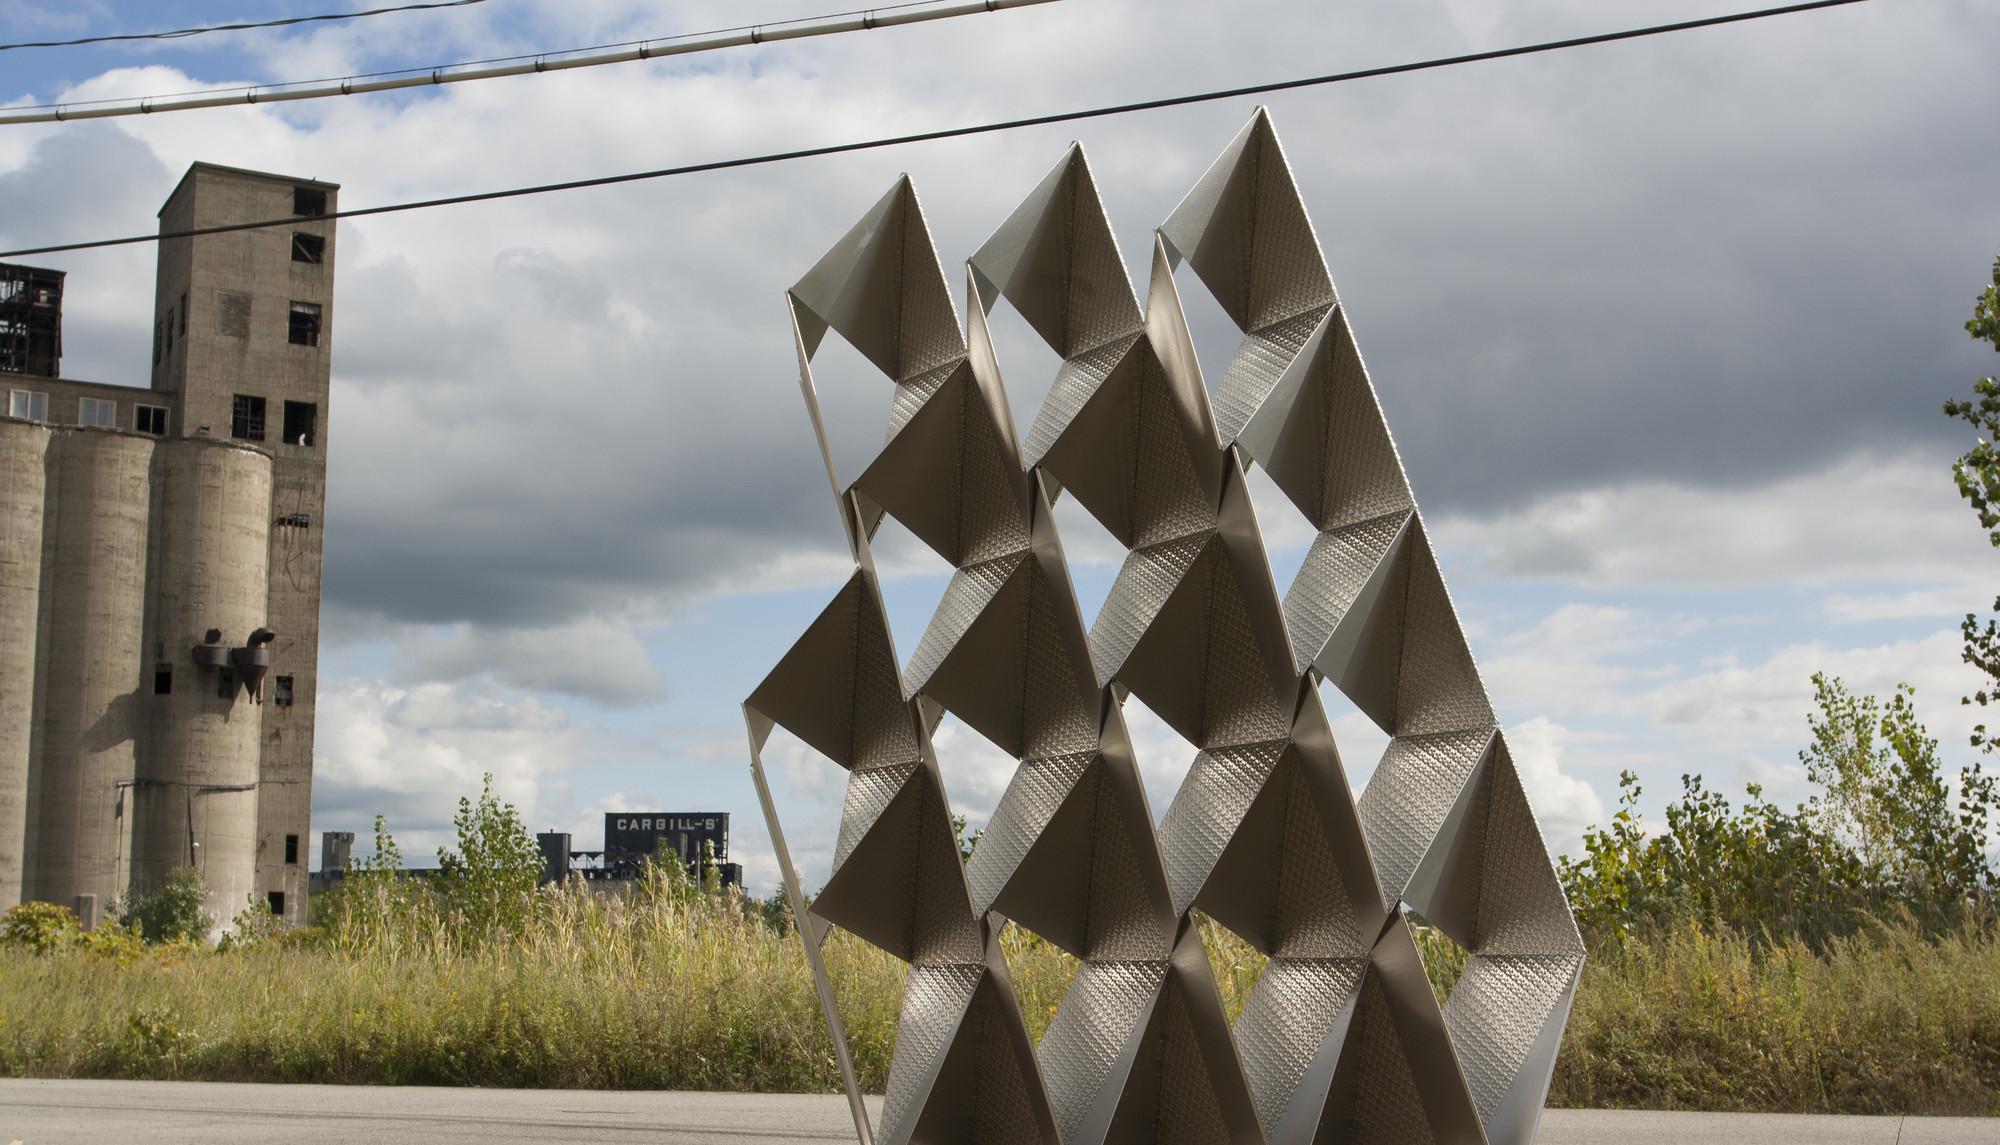 Muro compuesto de módulos de acero gana el Concurso de Fabricación Digital SKIN, Cortesía de TEX-FAB